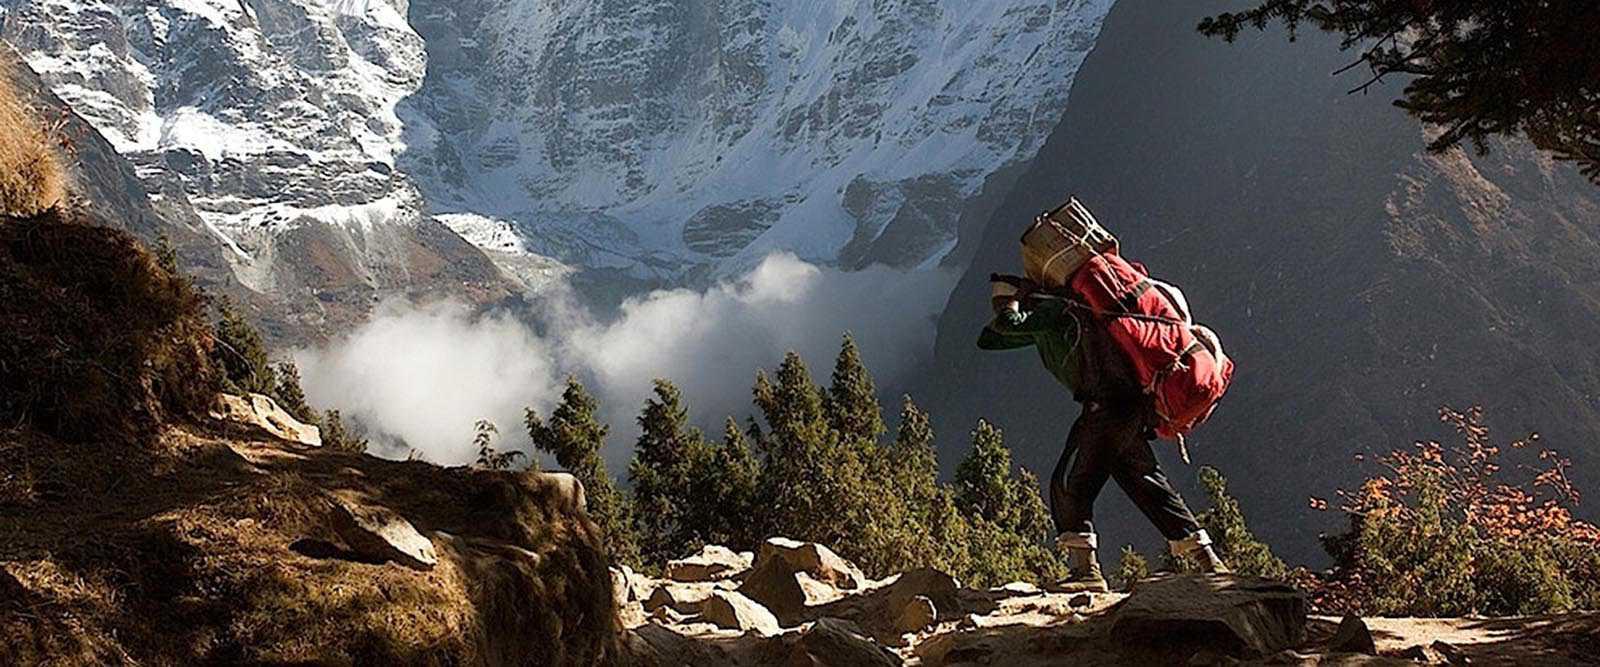 Nepalese Monastery Trekking, Nepal